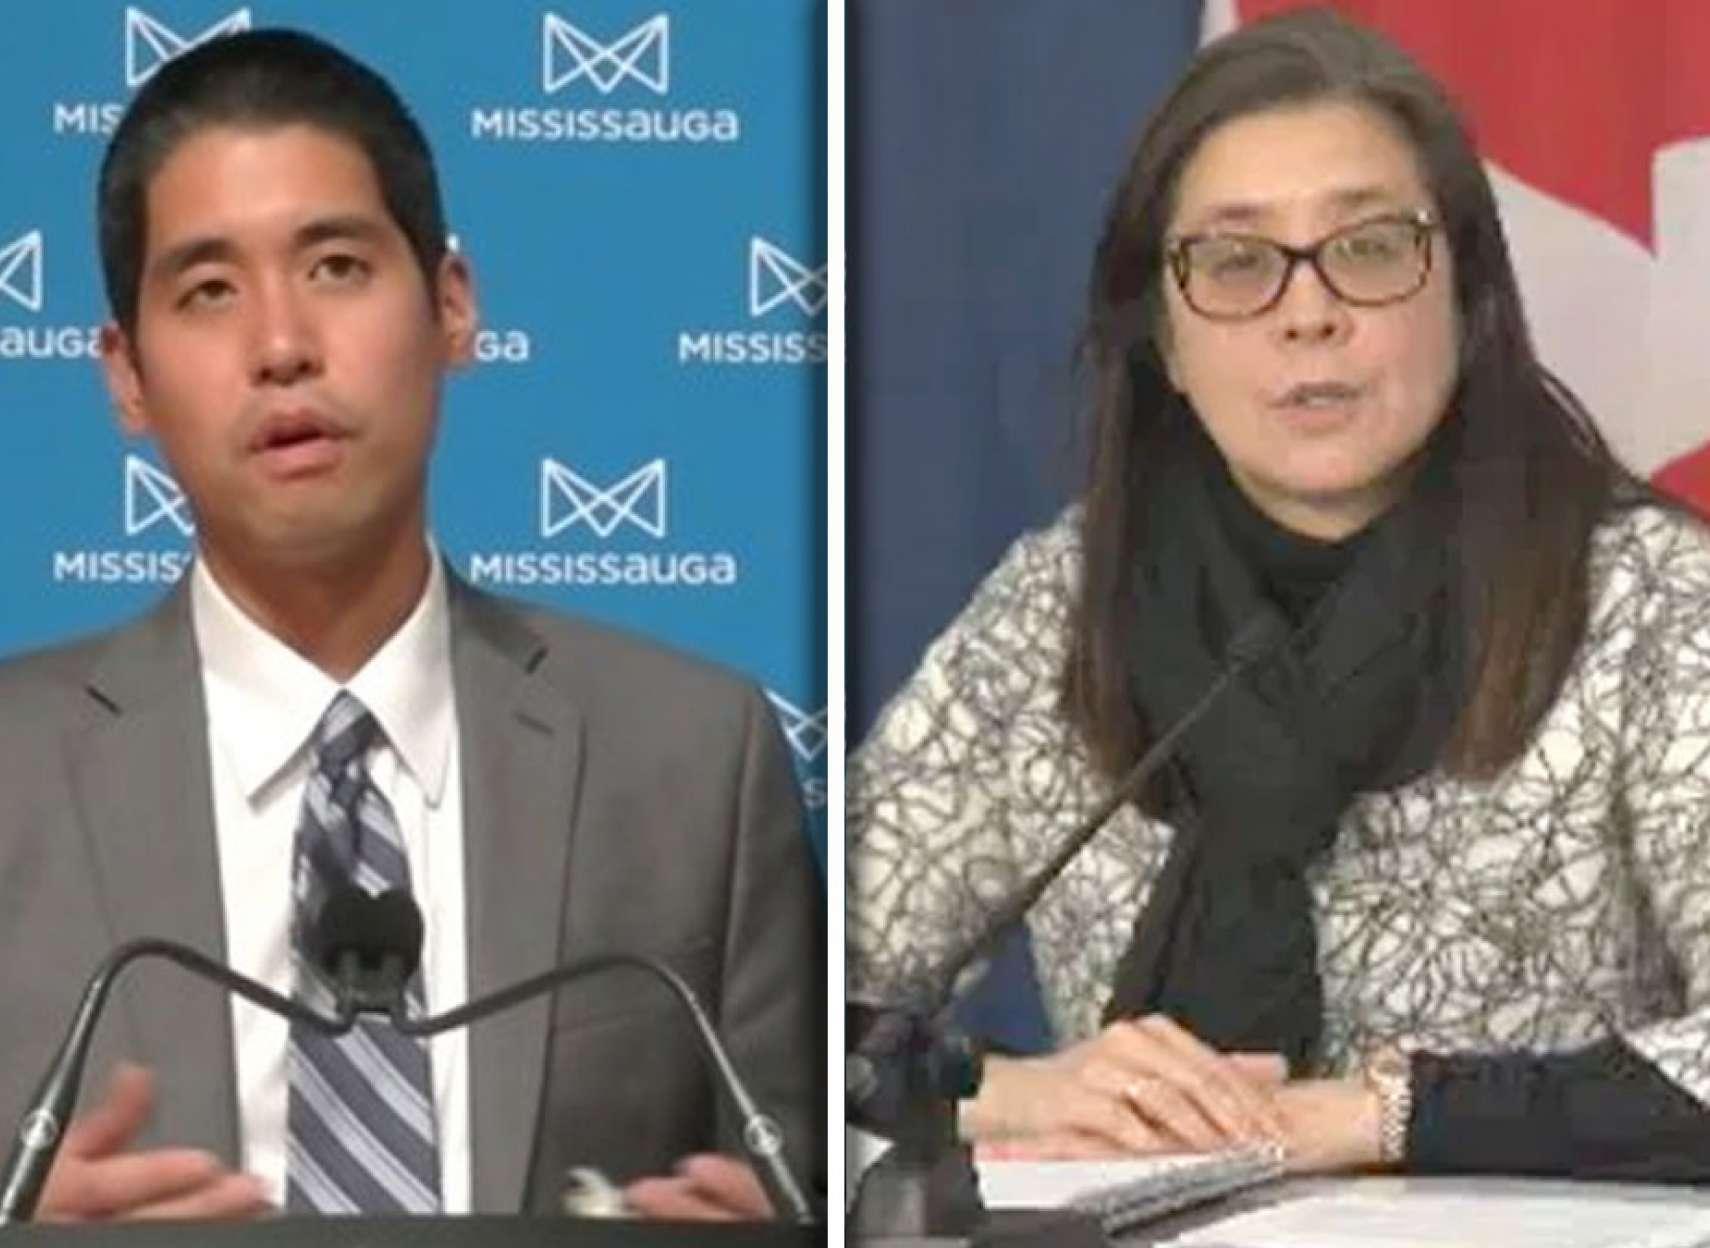 روسای بهداشت و پزشکی تورنتو و پیل خواستار بسته بودن این مناطق حداقل تا ۹ مارس شدند